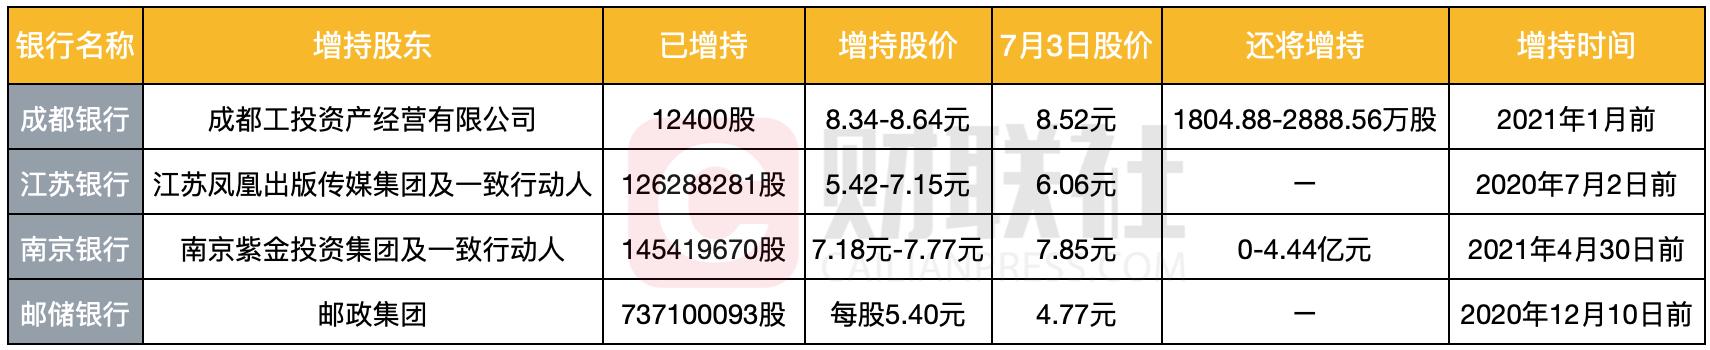 银行股迎来大涨国资提前布局 已从二级市场增持了这四只股票